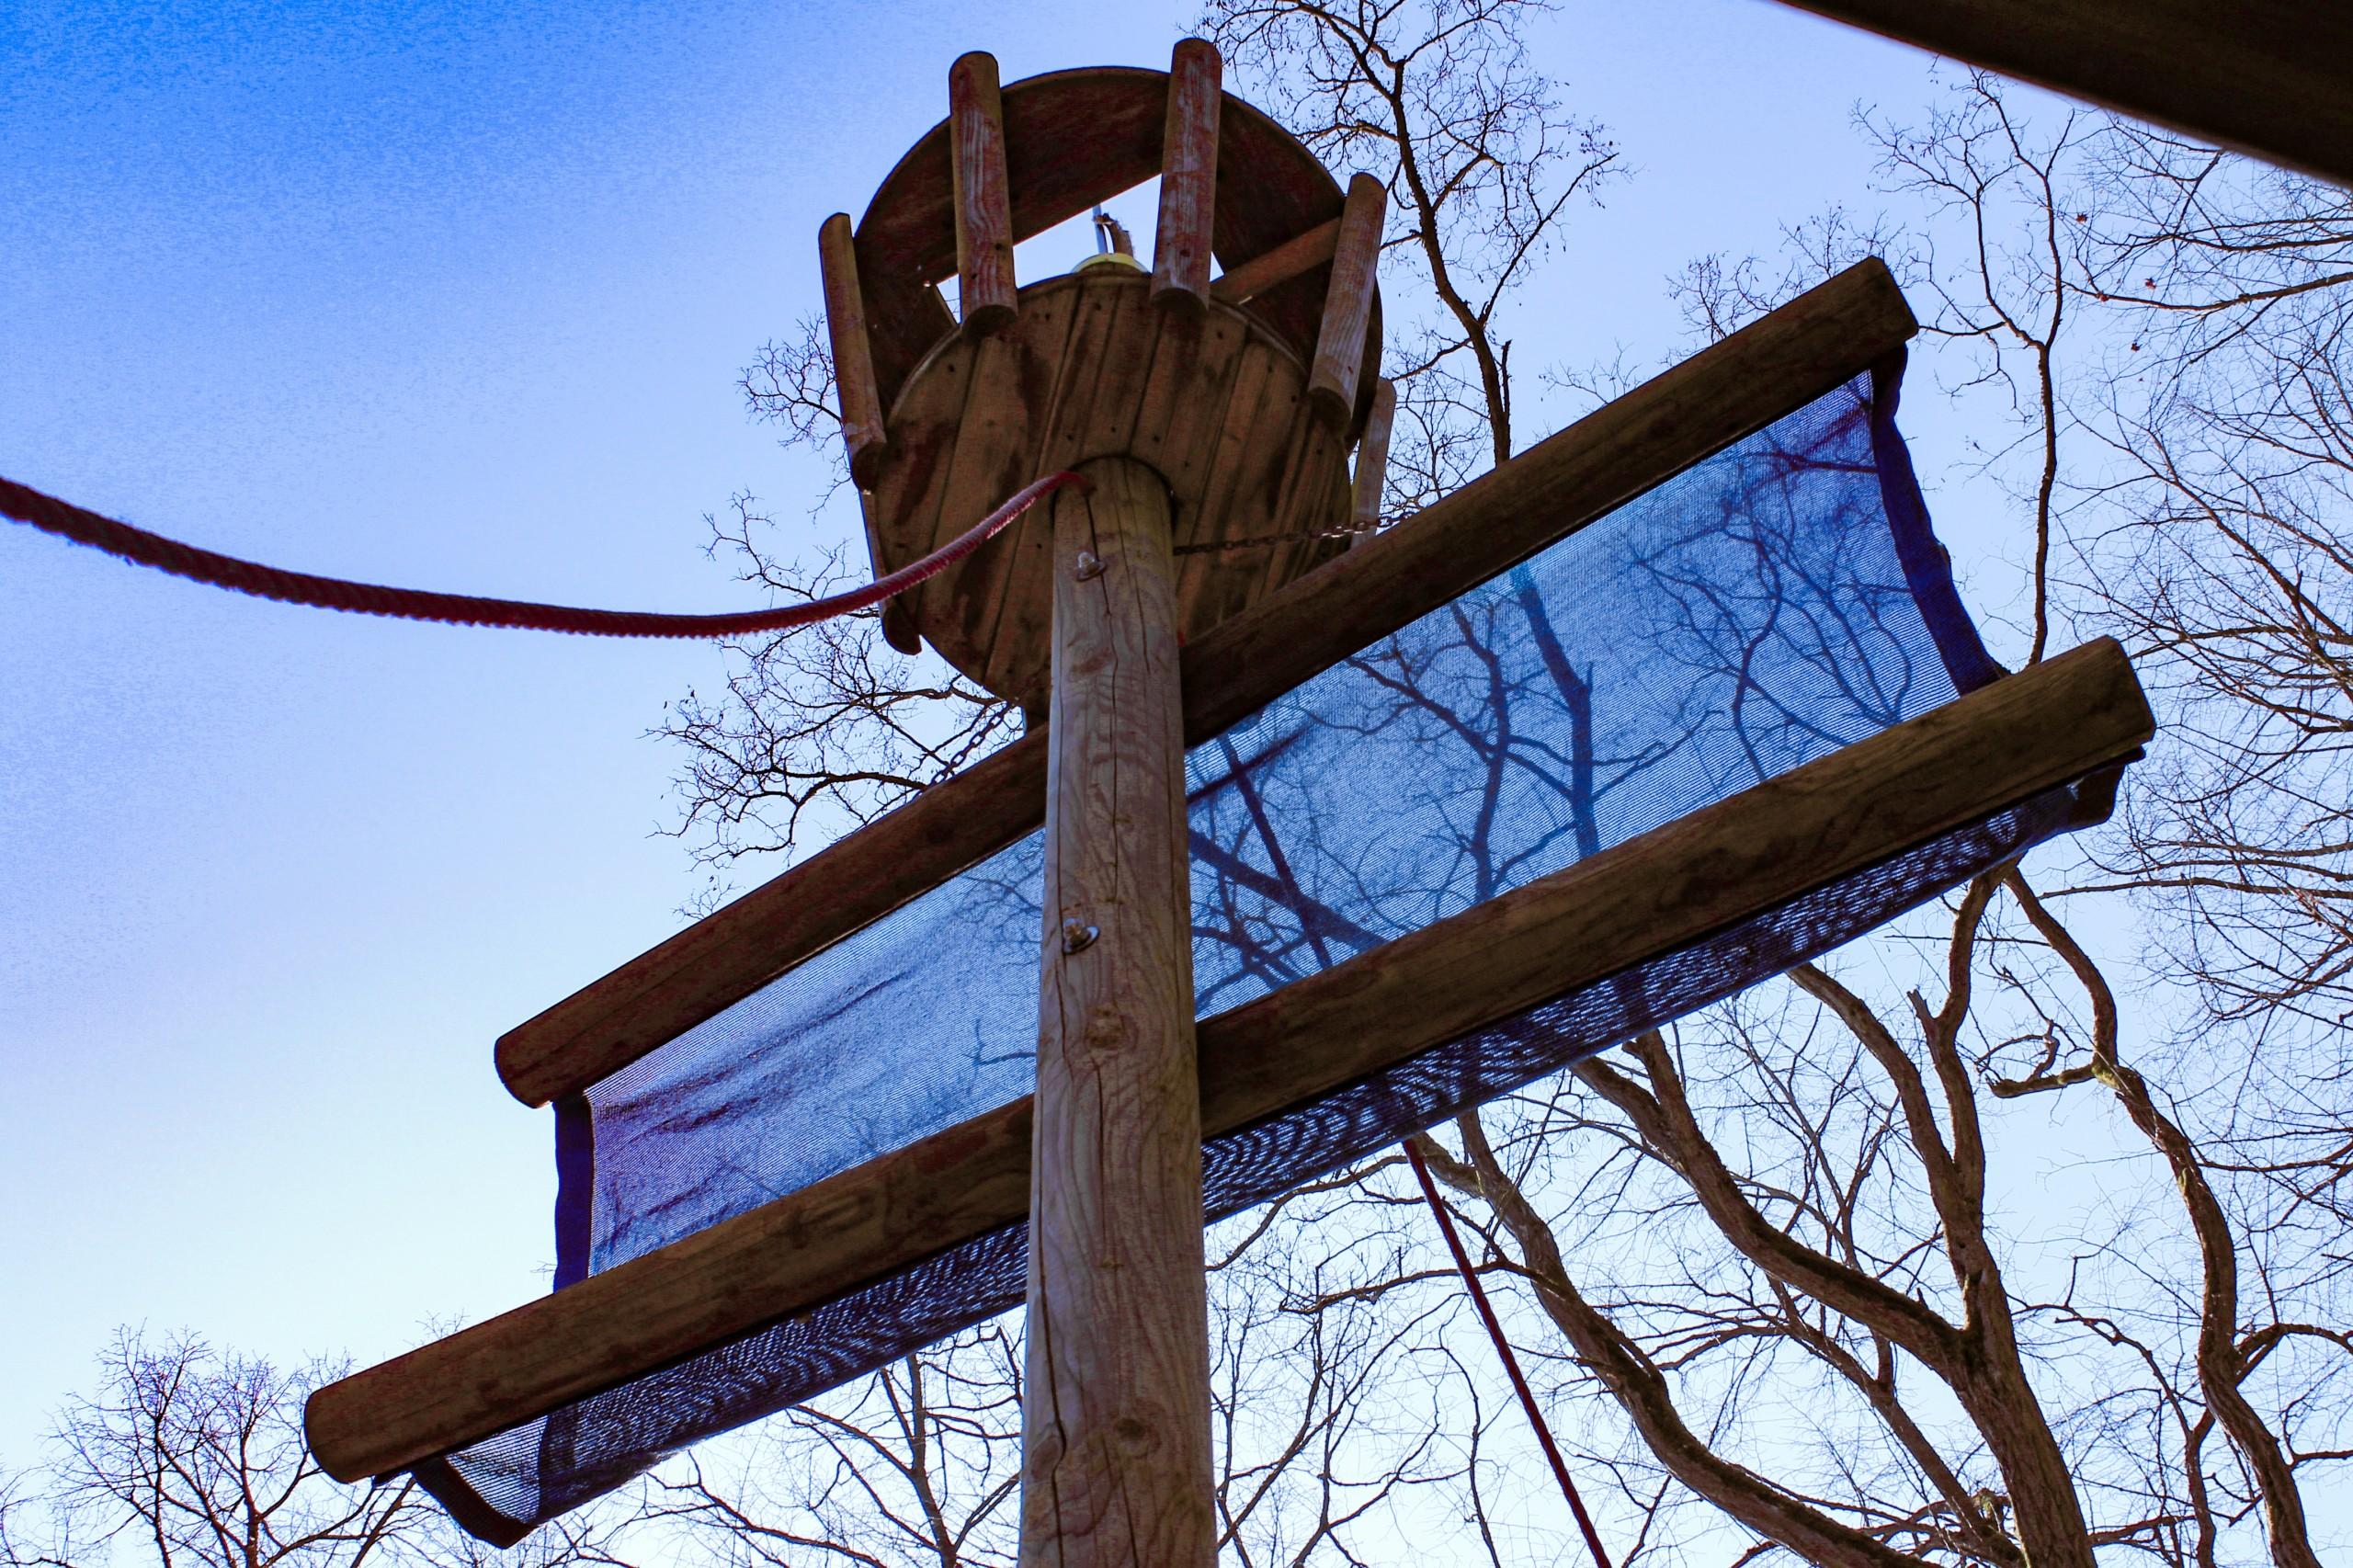 Piratenschiff Spielplatz am Waldhof